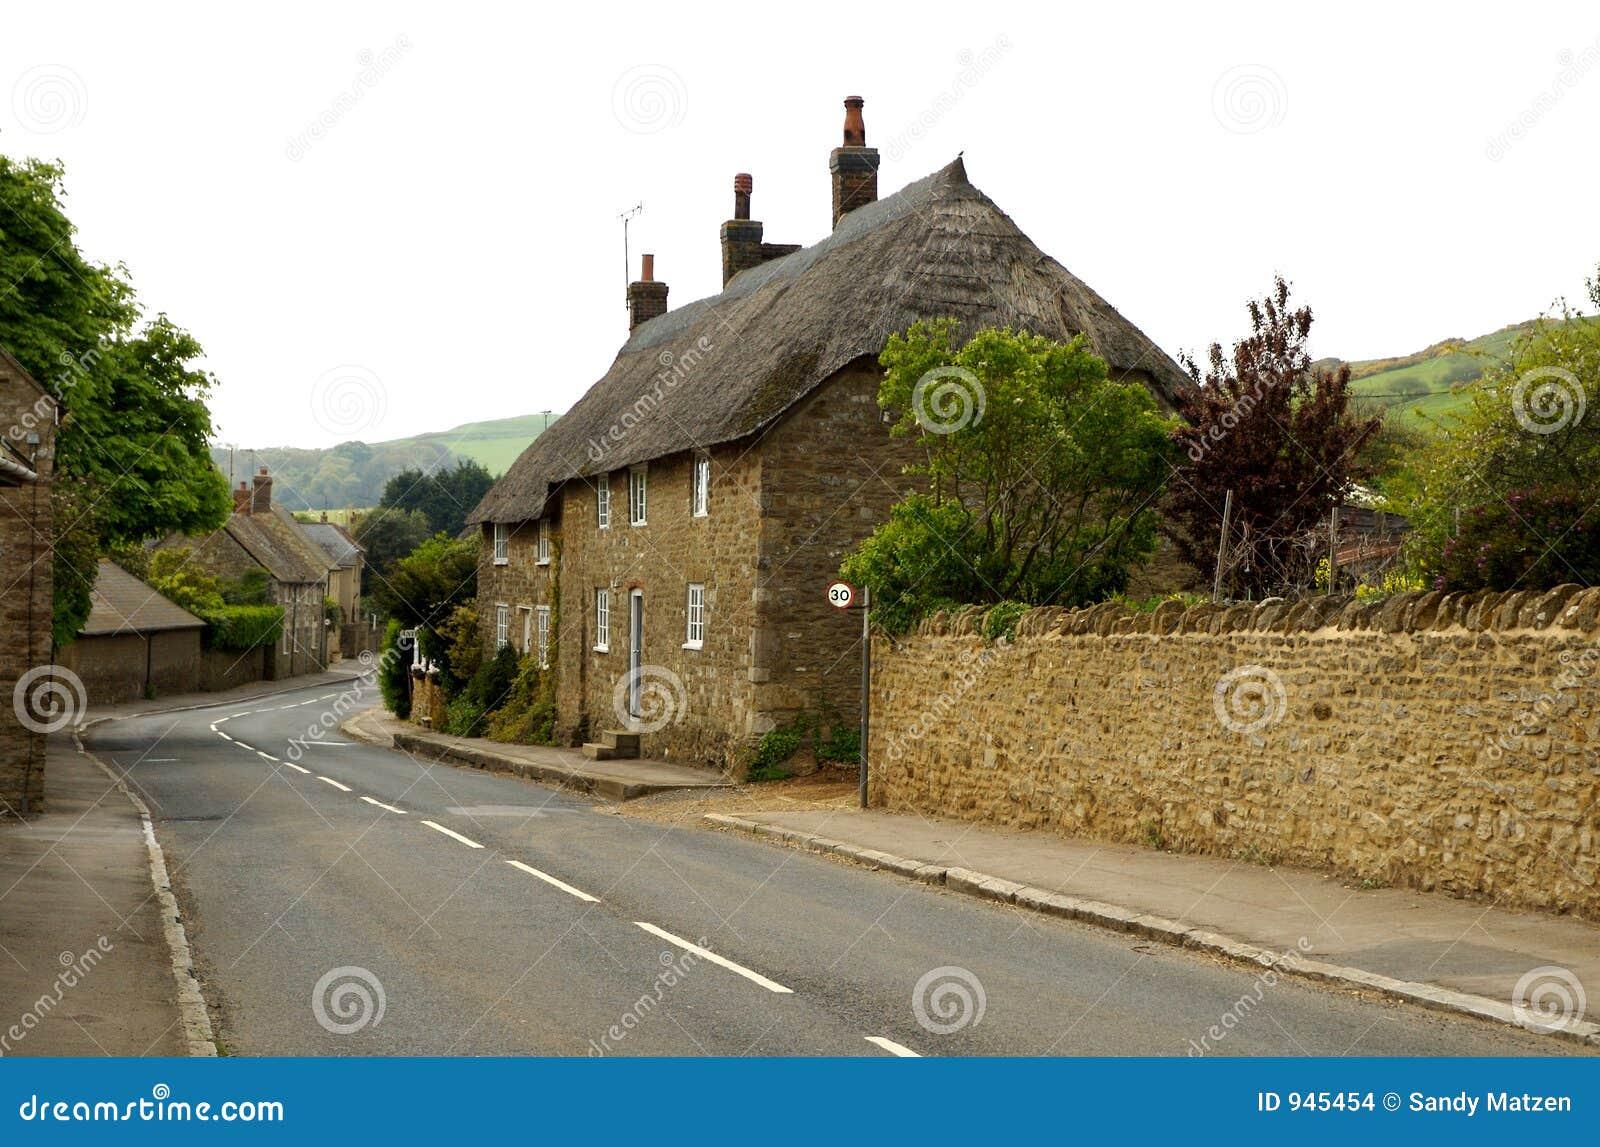 Englisches Dach thatched Häuschen